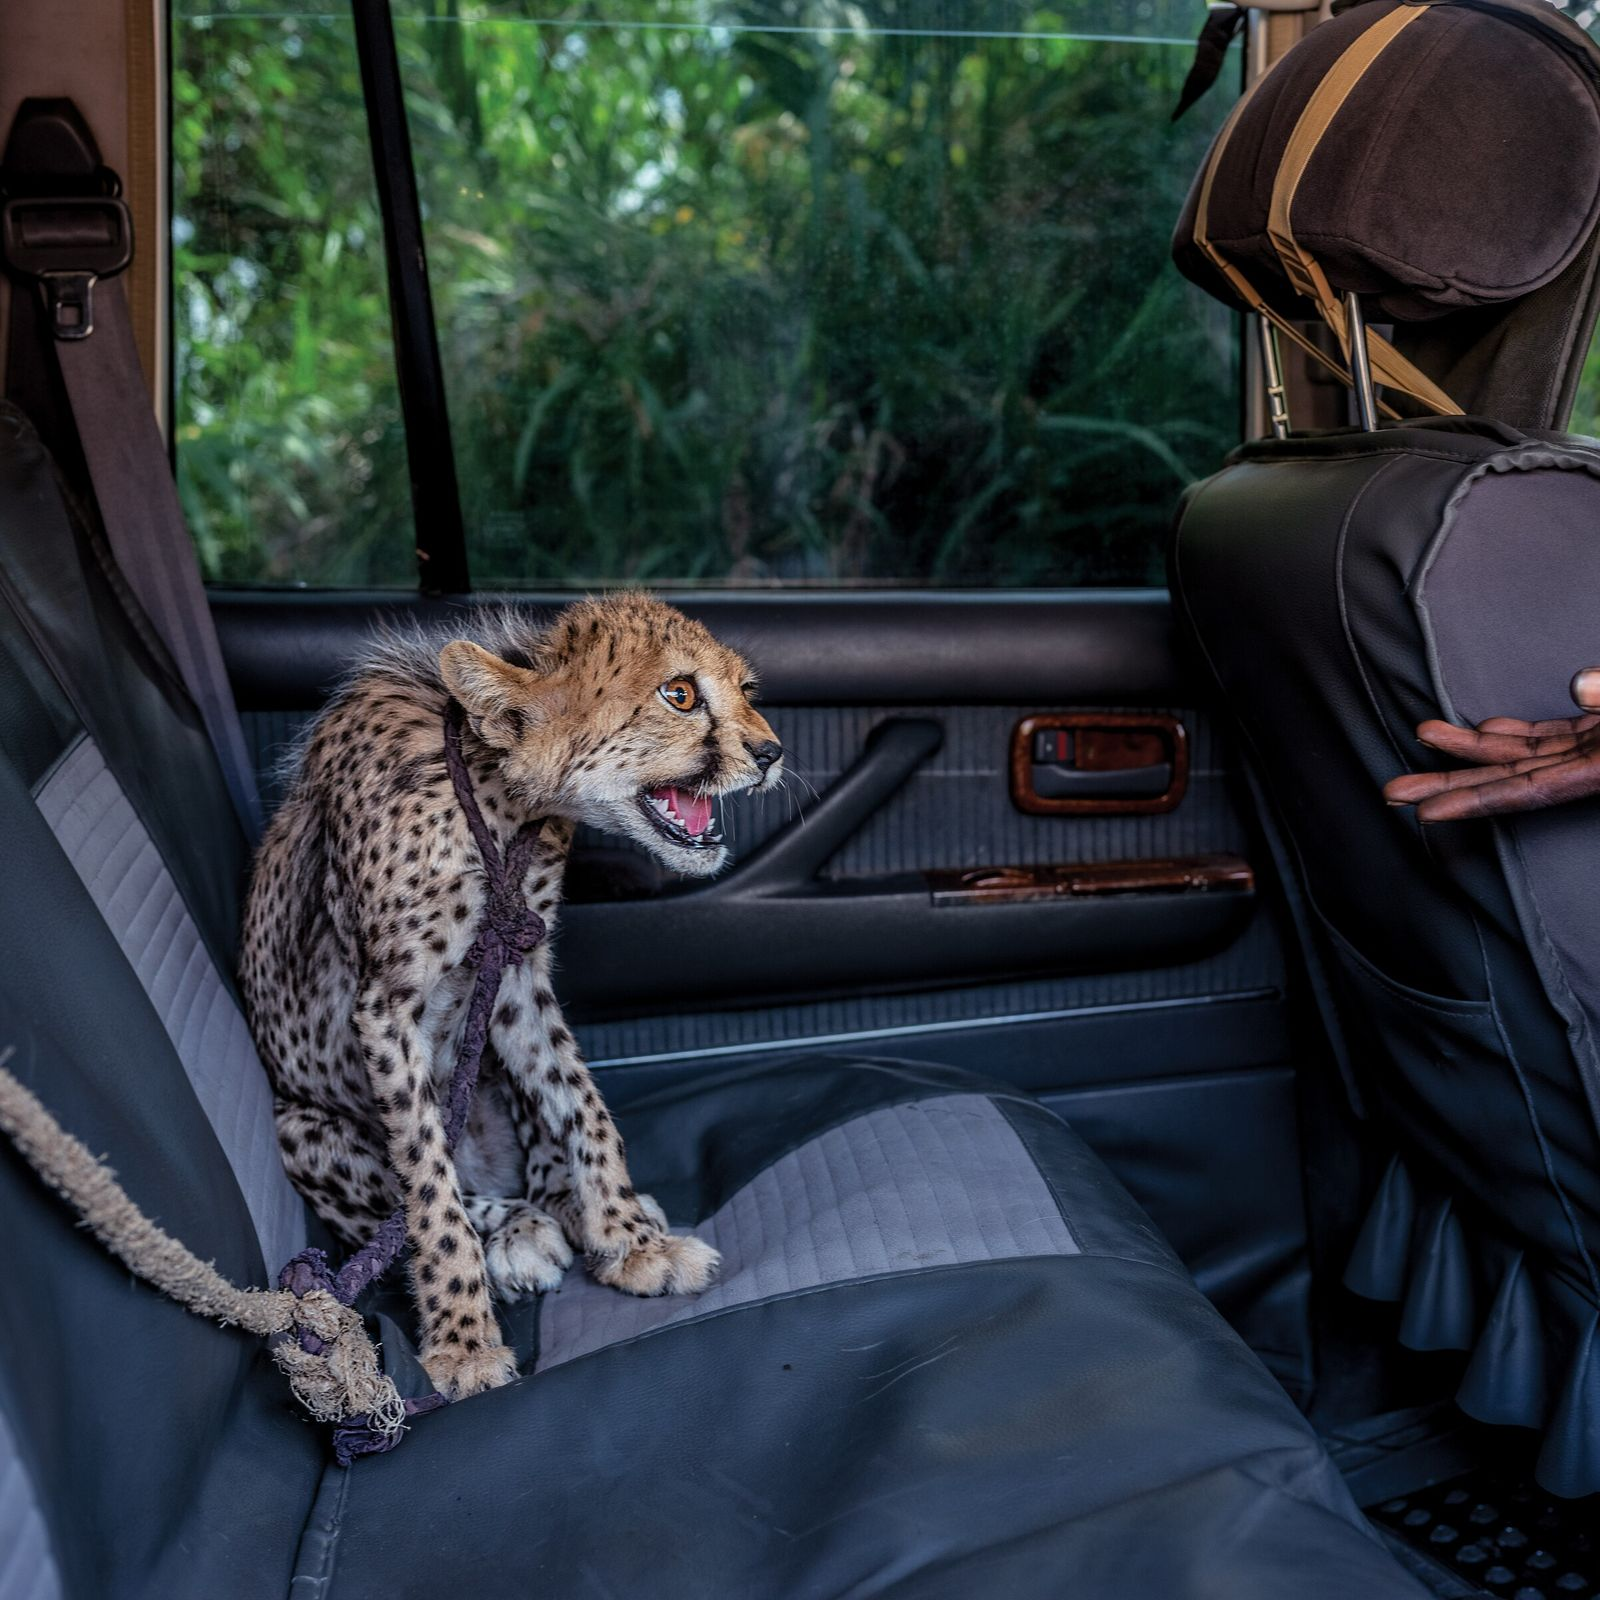 Ein Gepard sitzt angeleint auf dem Rücksitz eines Autos, eine Hand streckt sich von vorne zu ...